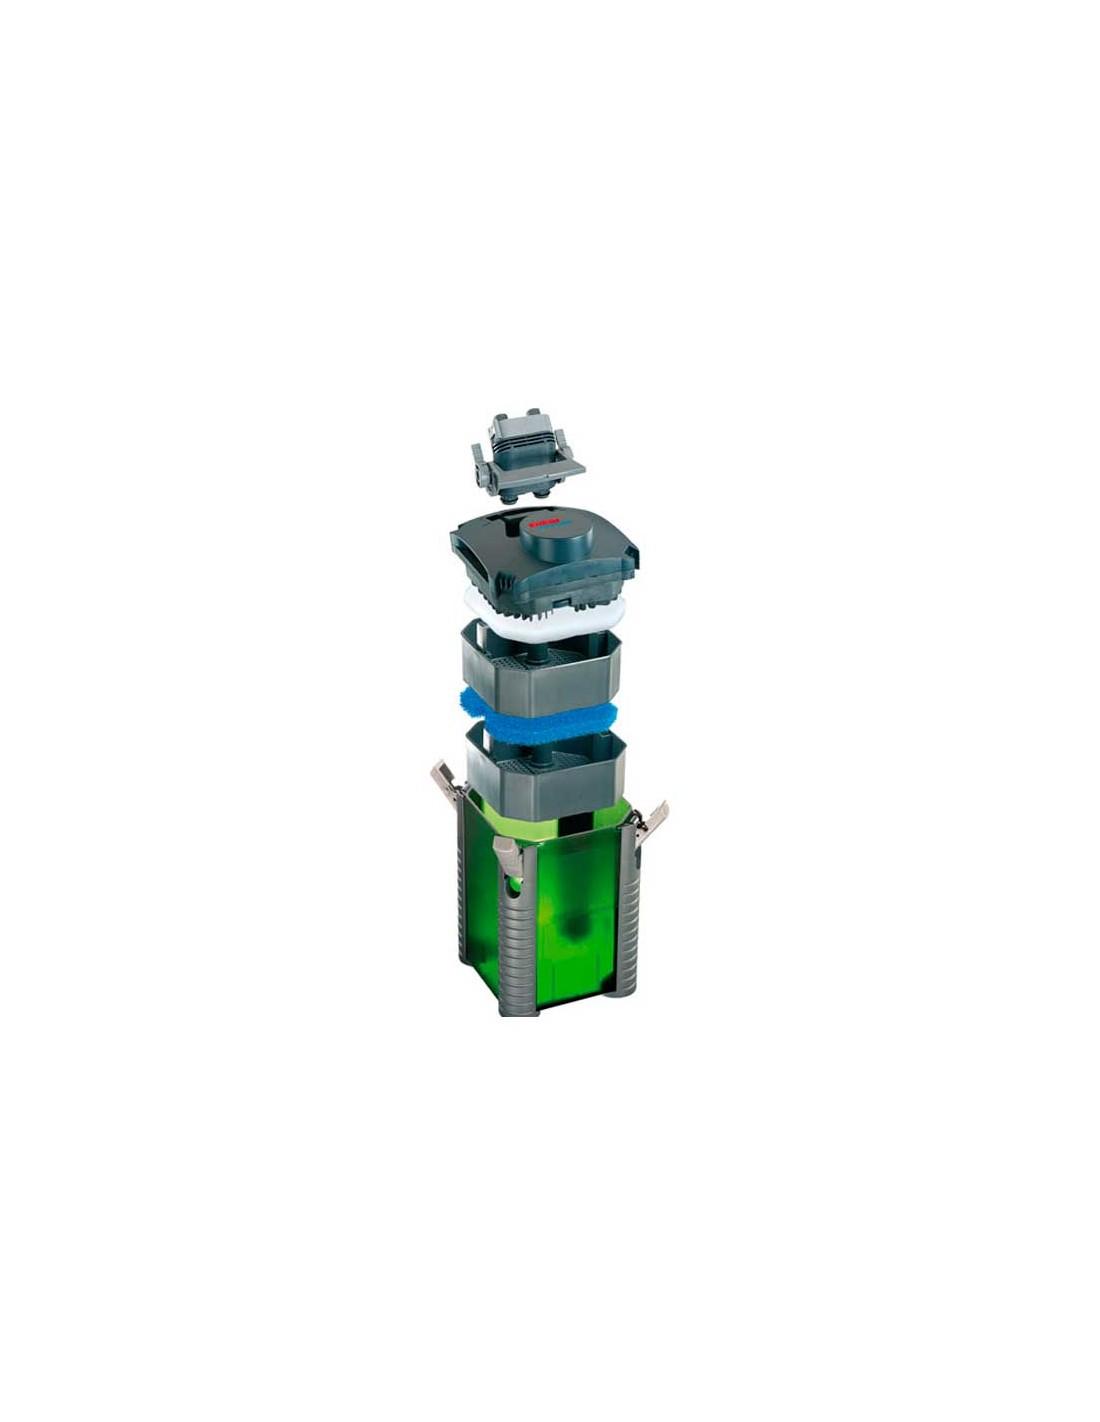 bbhmove8 BBHMOVE4 Bosch 00650920/filtro para bbhm1cmgb bbhmove6 BBHMOVE3 bbhmove9/bater/ía Aspiradora BBHMOVE2 bbhmove5 BBHMOVE7